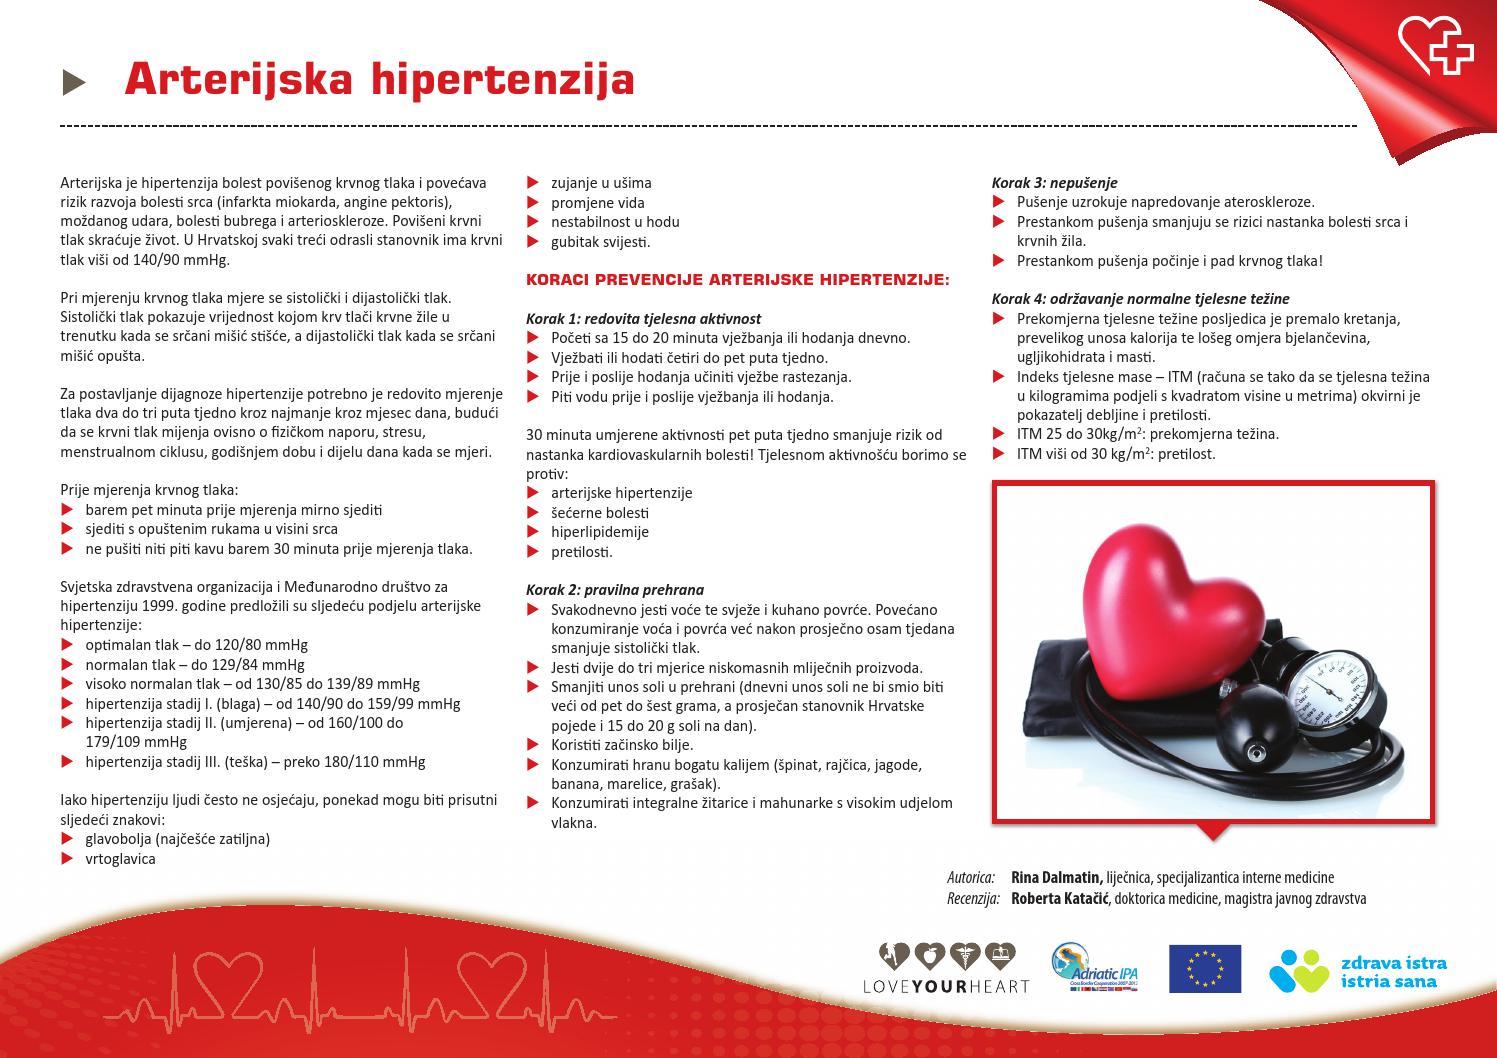 Što je arterijska hipertenzija 2 stupnja rizika 3 što je to